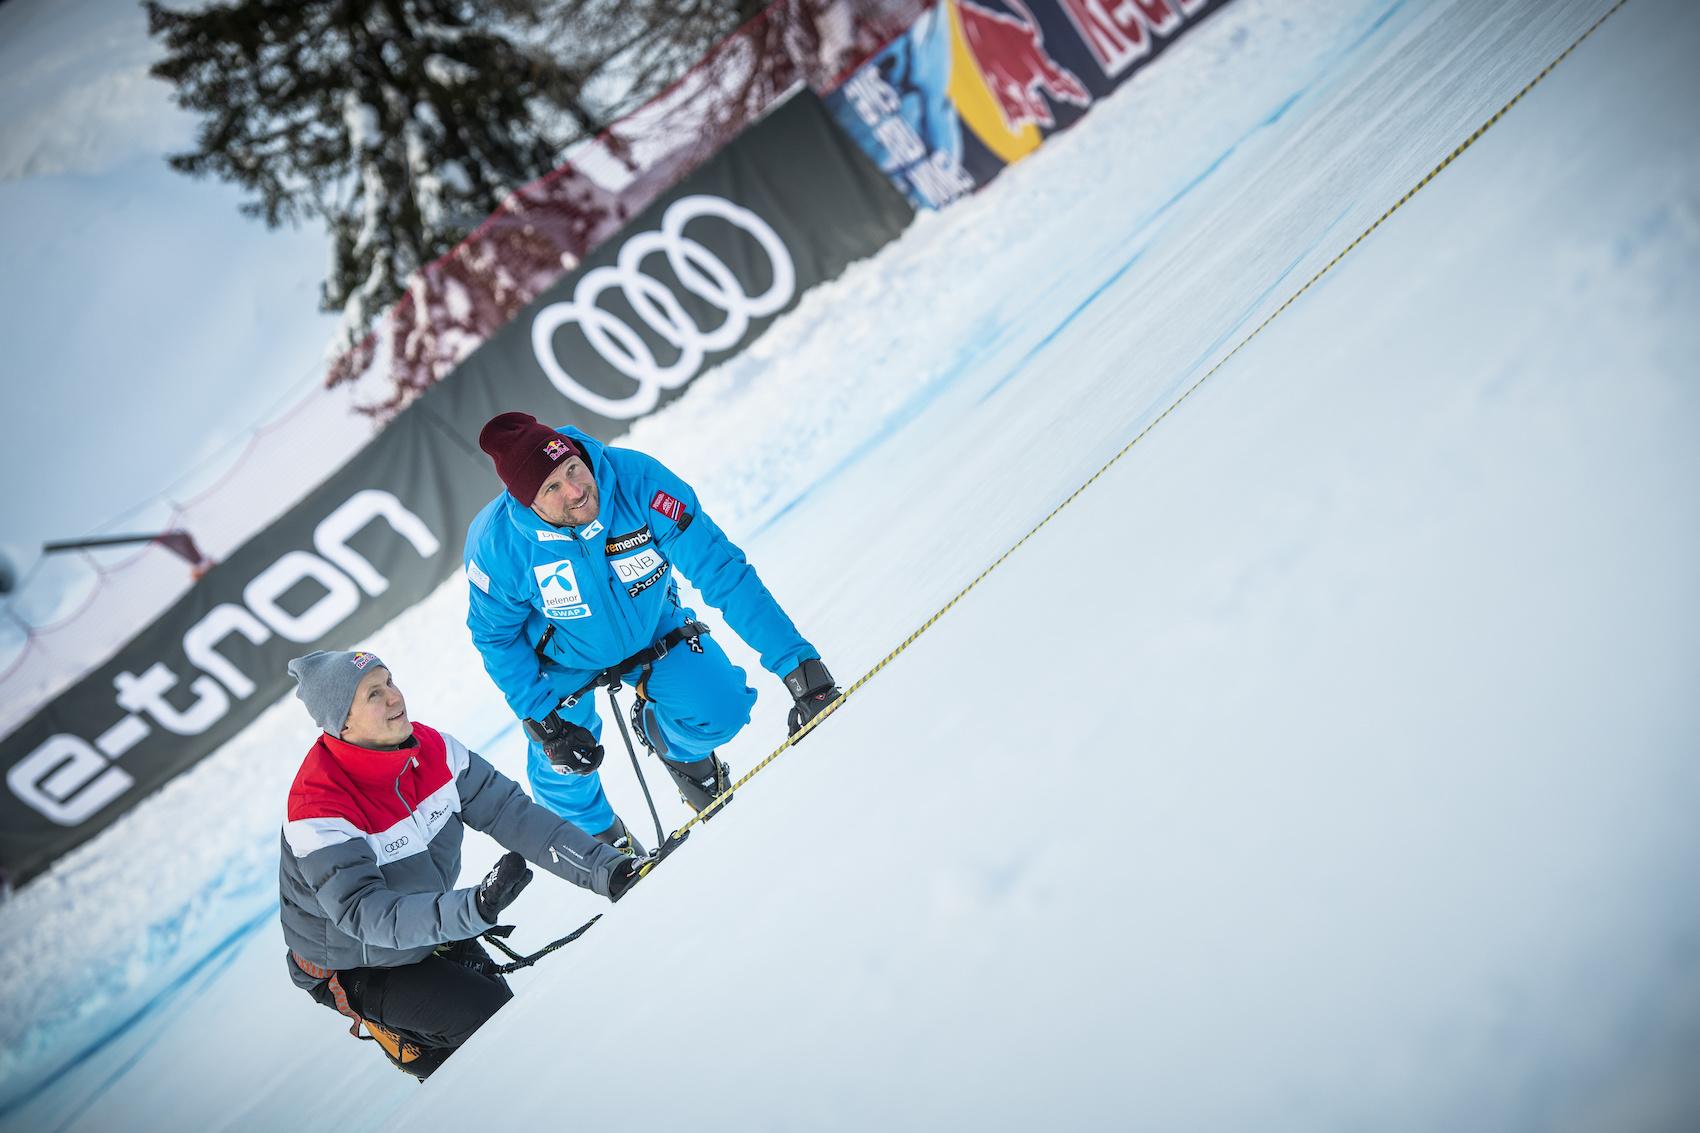 Le champion de DTM Mattias Ekström (40 ans, à gauche) et la vedette de ski Aksel Lund Svindal (36 ans) sur le tracé. (Photo: AUDI)